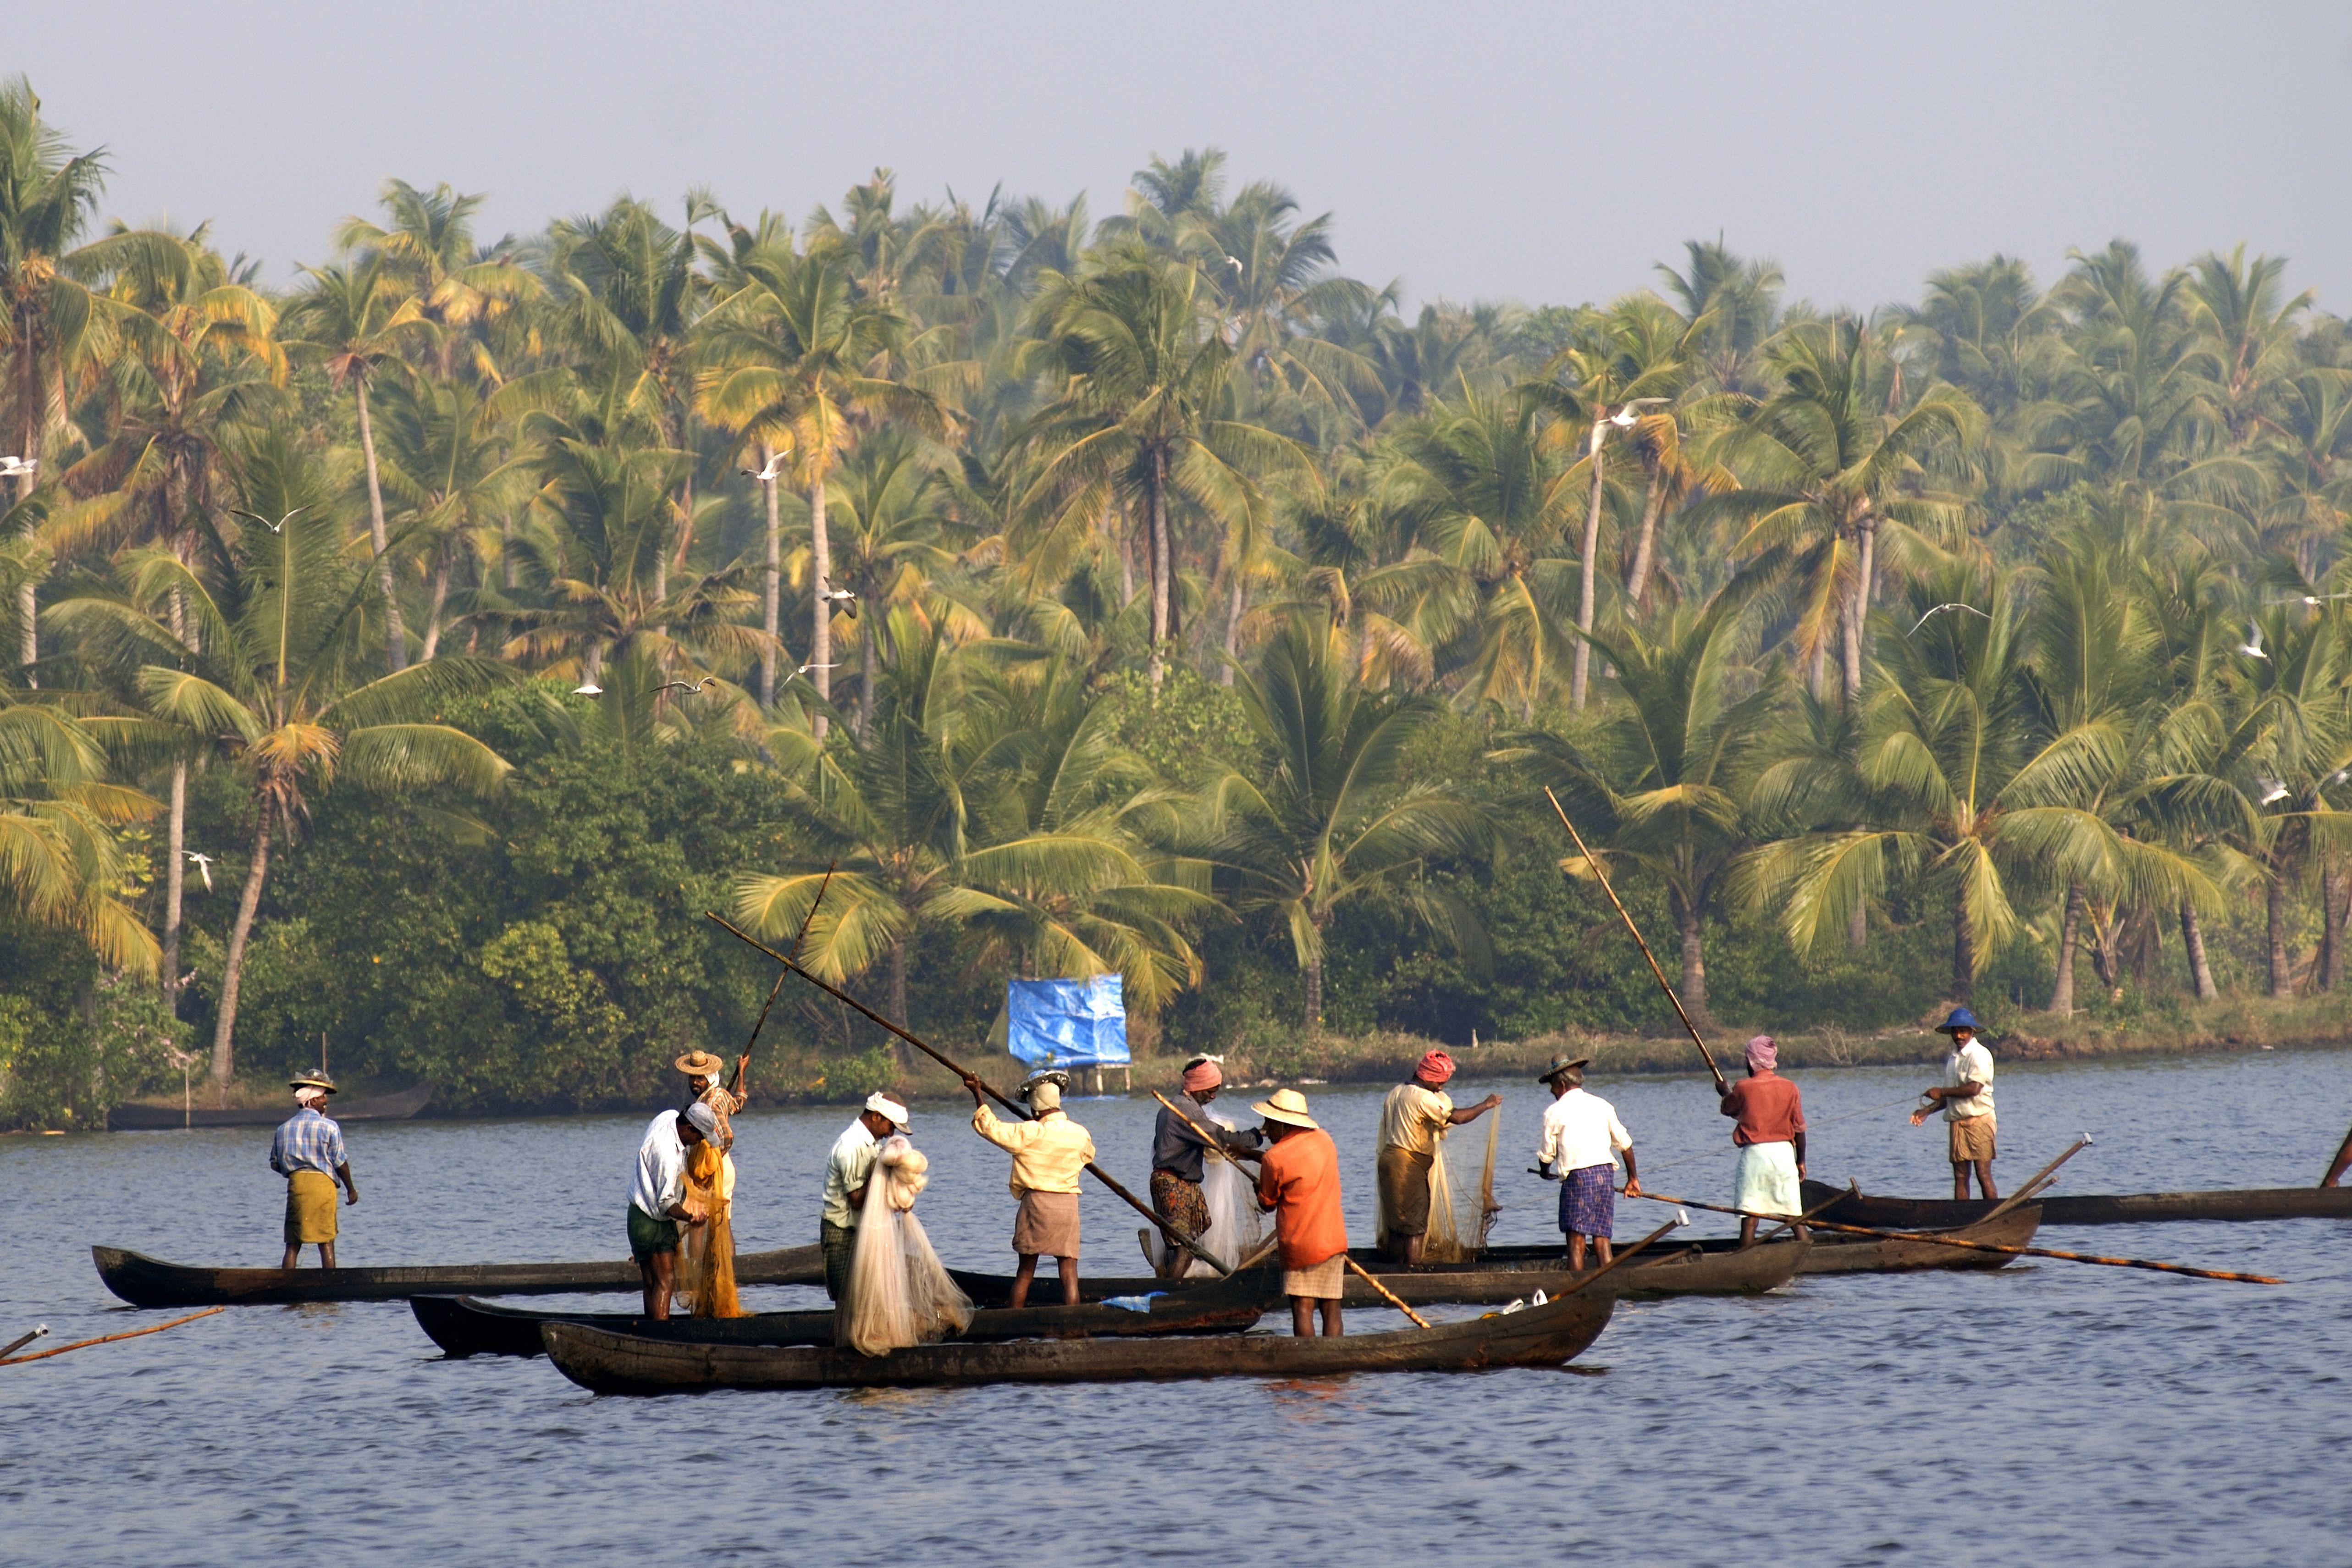 Fishermen fishing in Cherai Beach, India